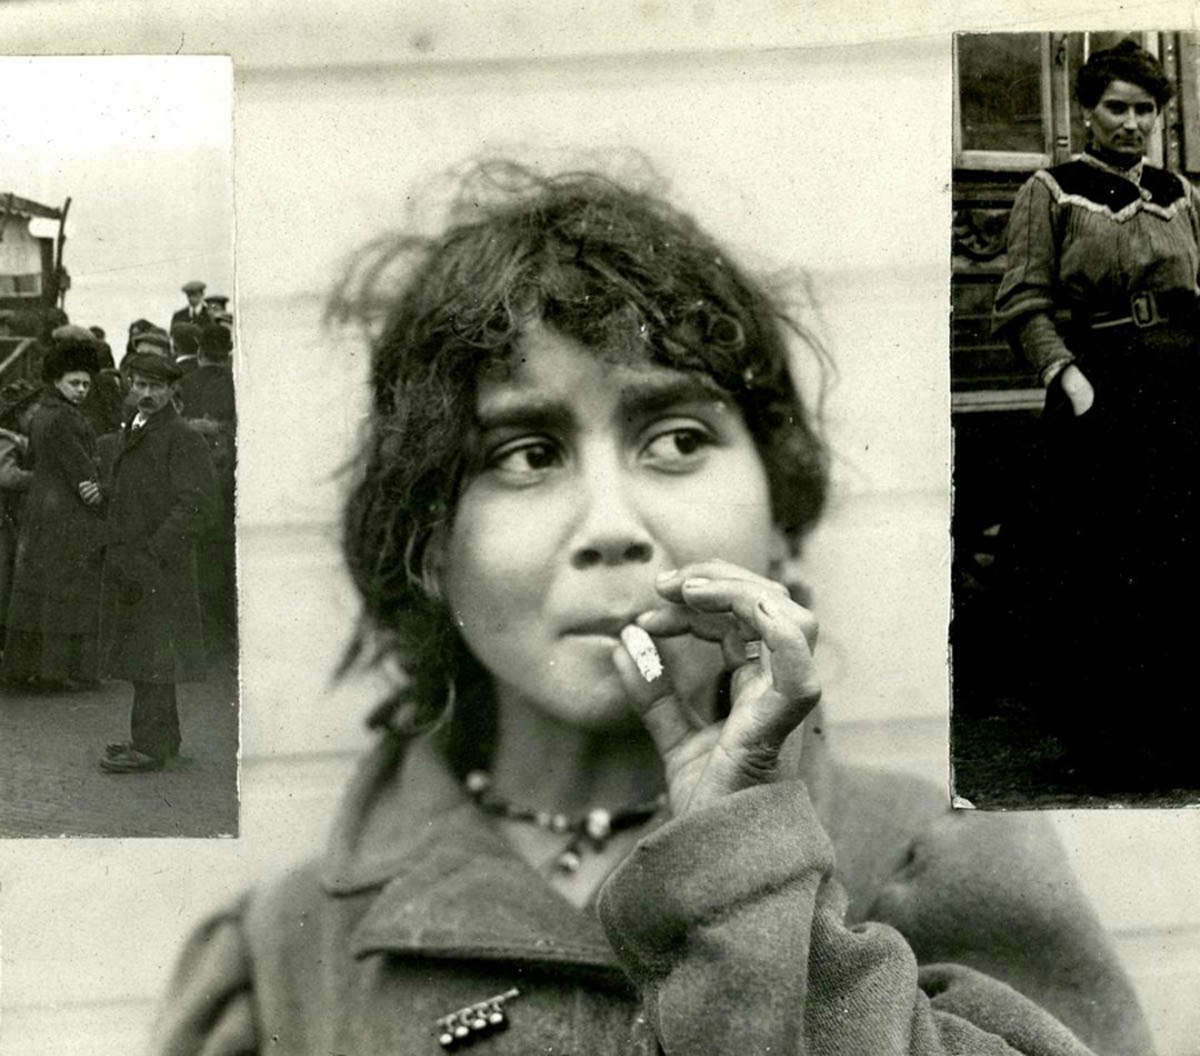 2209 Жизнь цыган в Европе до Второй Мировой войны